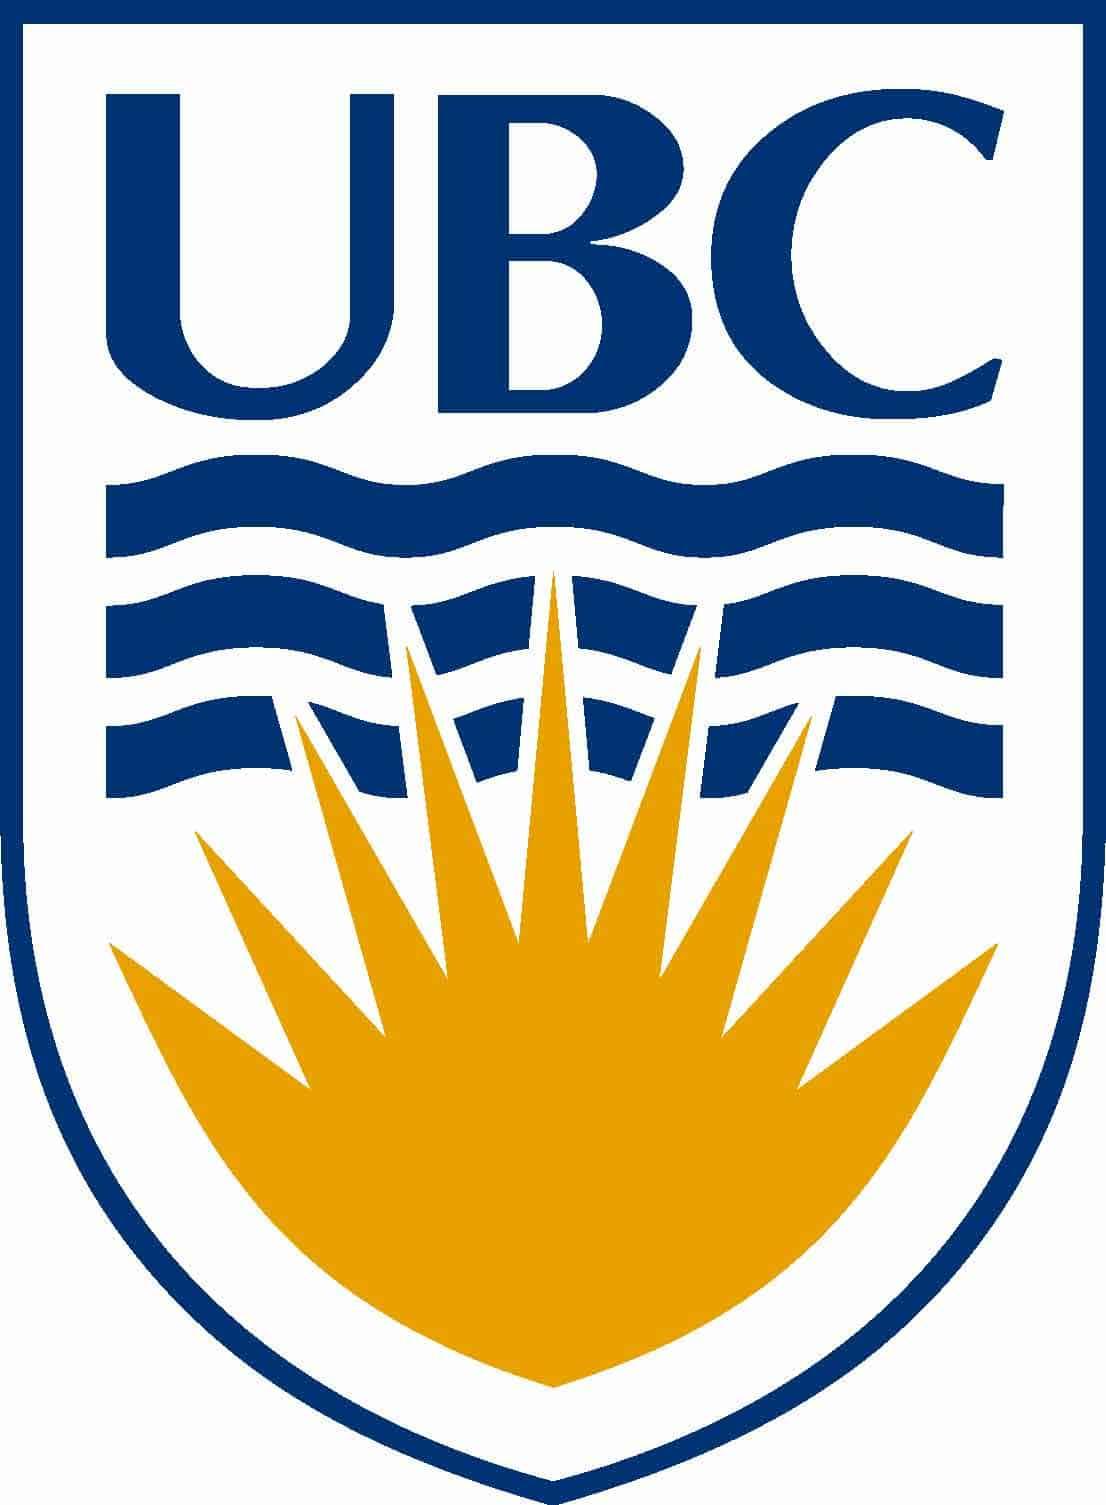 دانشگاه بریتیش کلمبیای کانادا